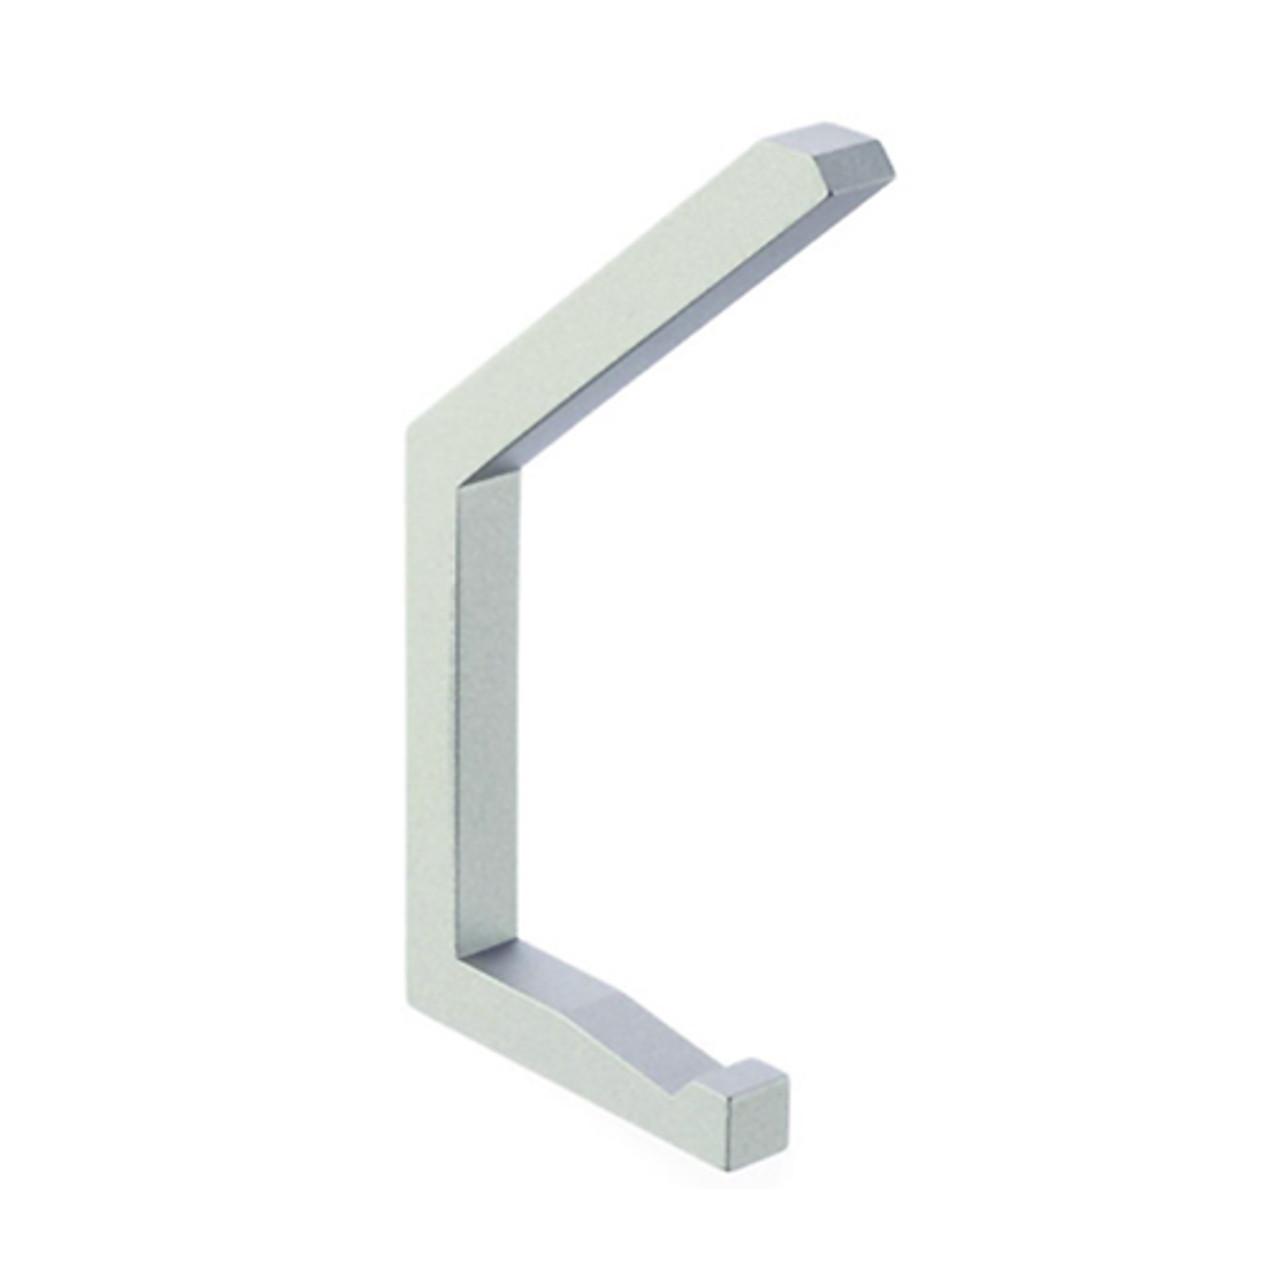 342-213 Double Prong Coat Hook in Metallic Silver